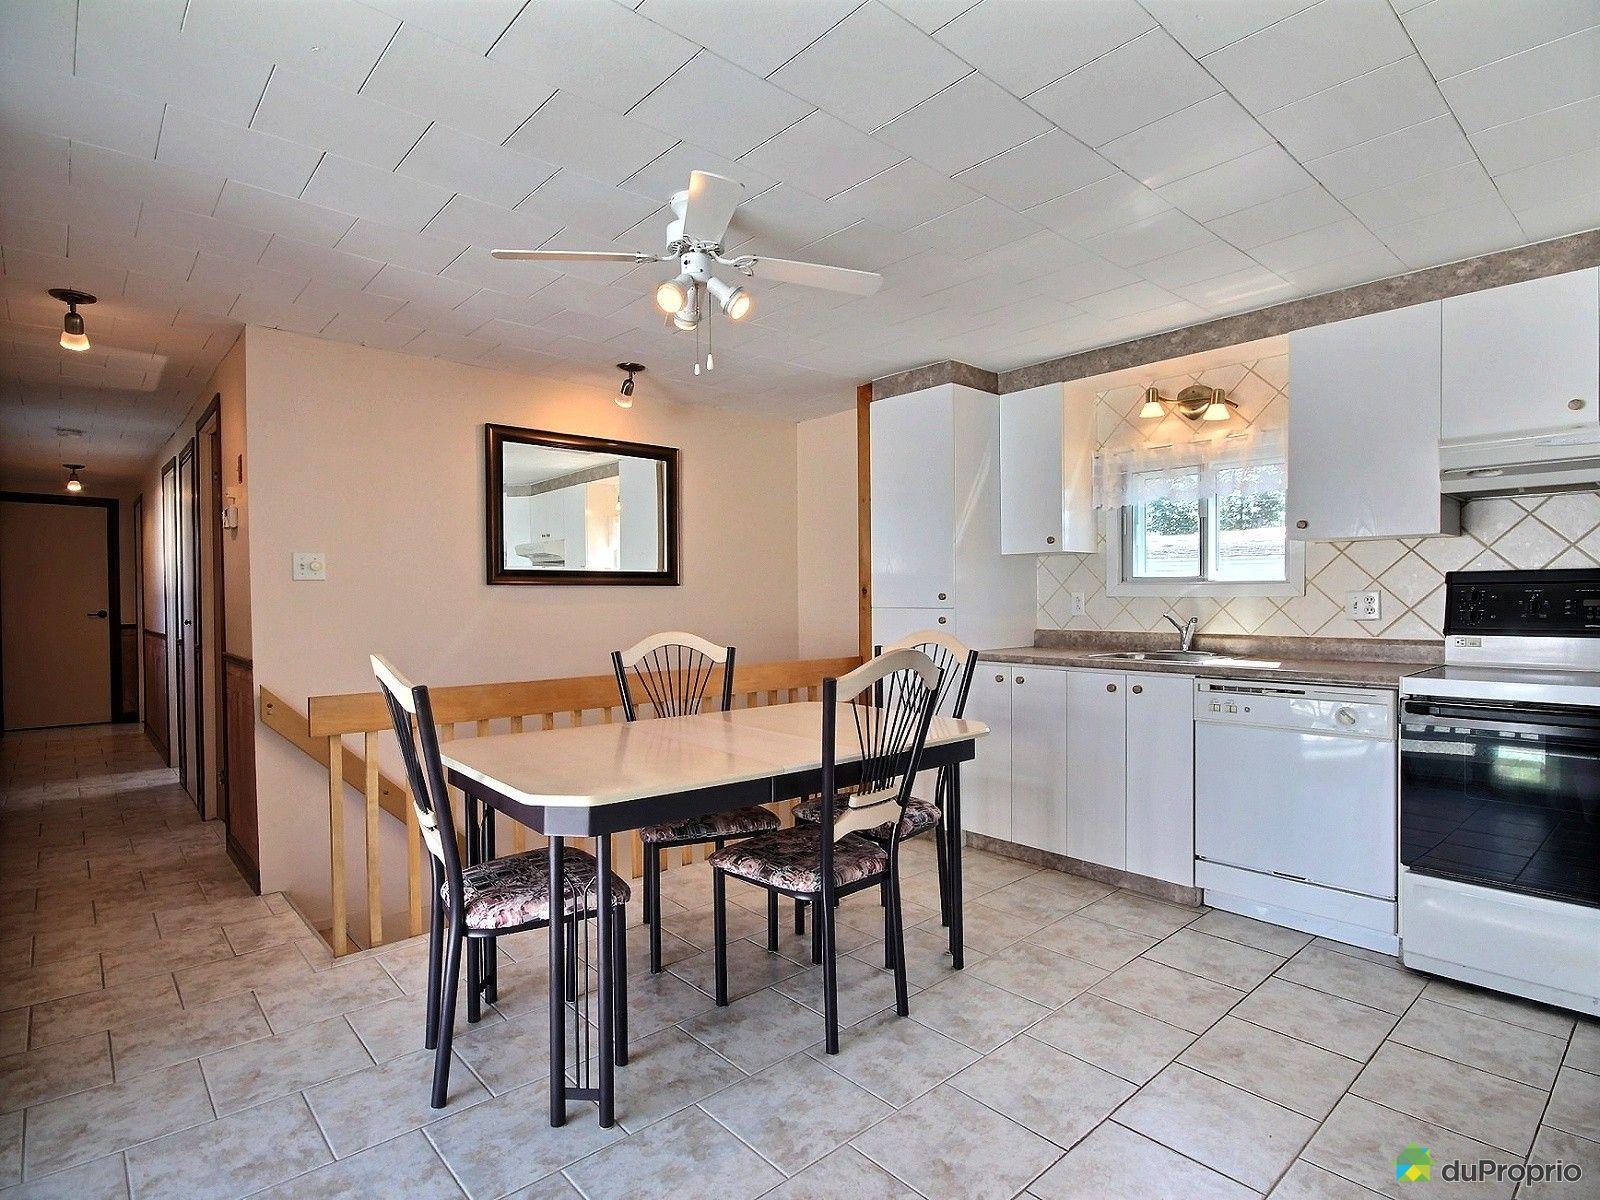 maison vendre jonqui re 2509 rue des verdiers immobilier qu bec duproprio 637538. Black Bedroom Furniture Sets. Home Design Ideas